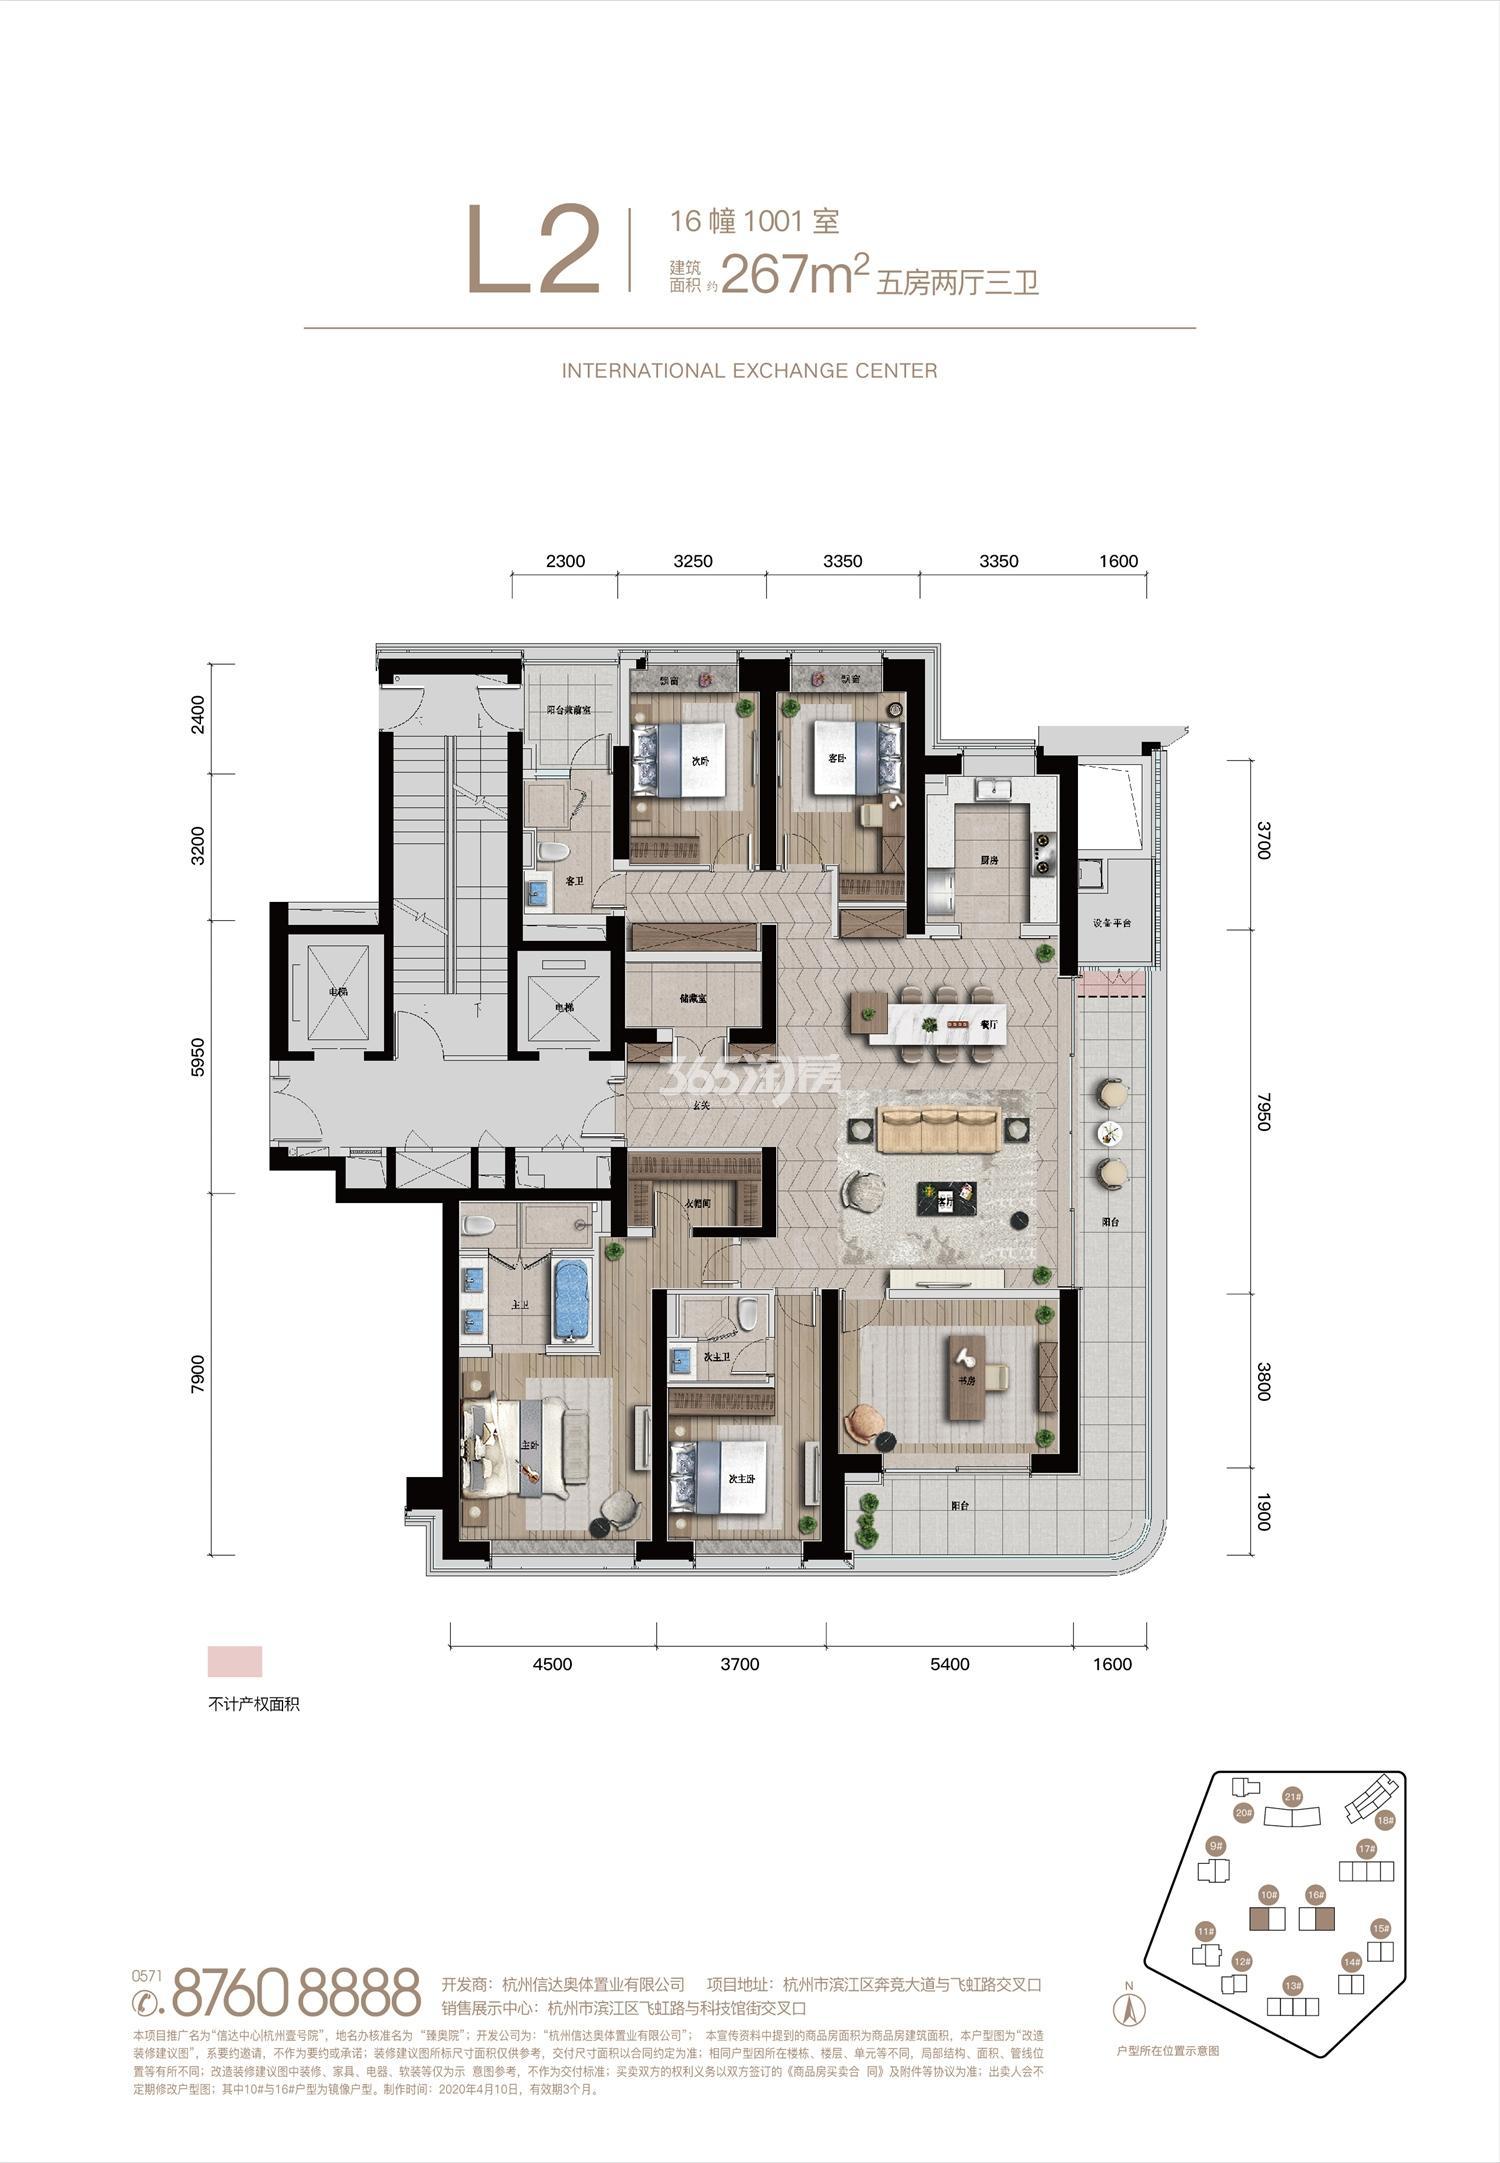 信达中心|杭州壹号院10、16号楼边套L2户型 约267㎡